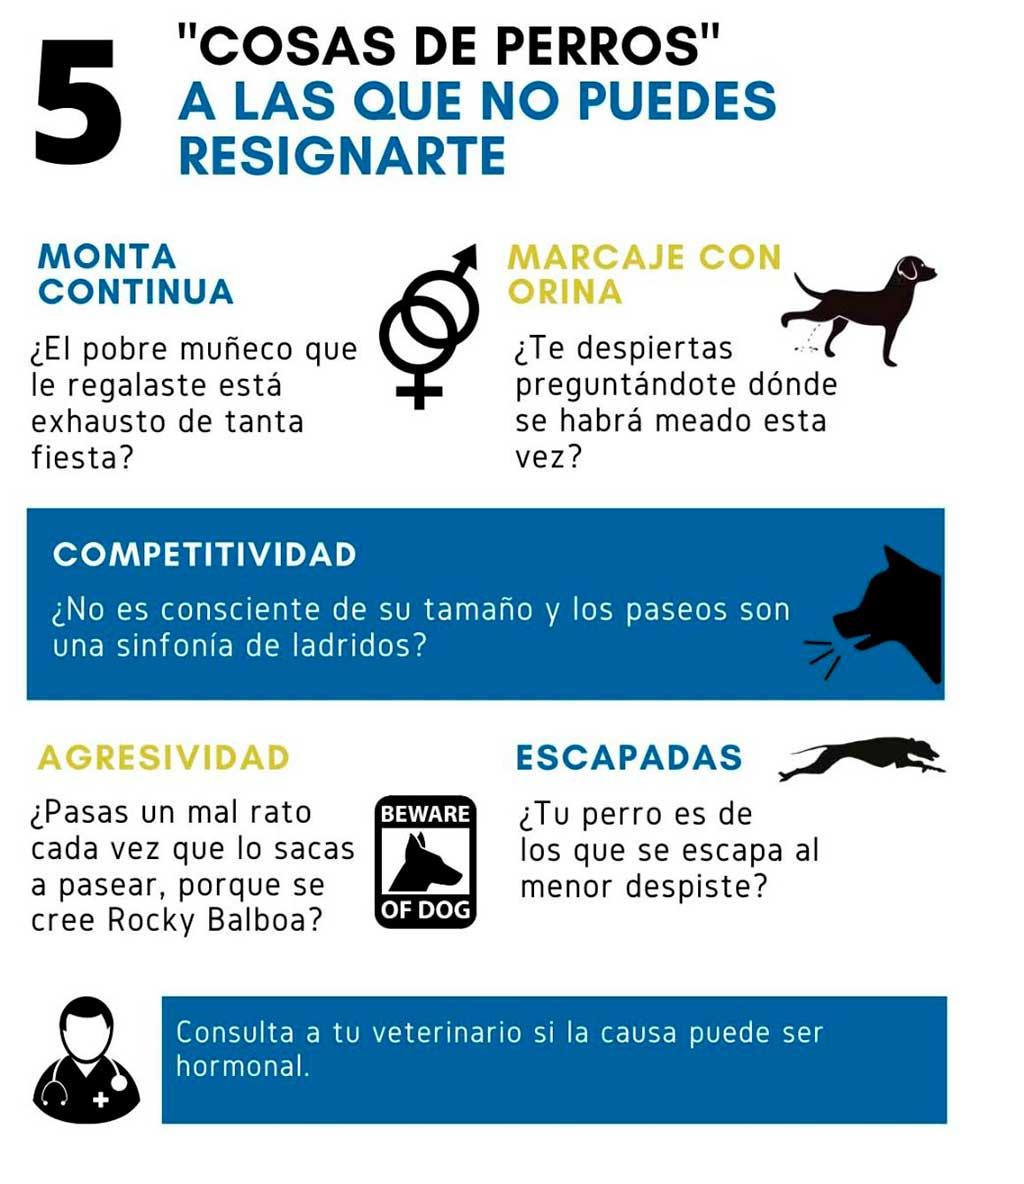 Machismo perruno: 5 conductas socialmente aceptadas en perros, pero desagradables para el propietario.